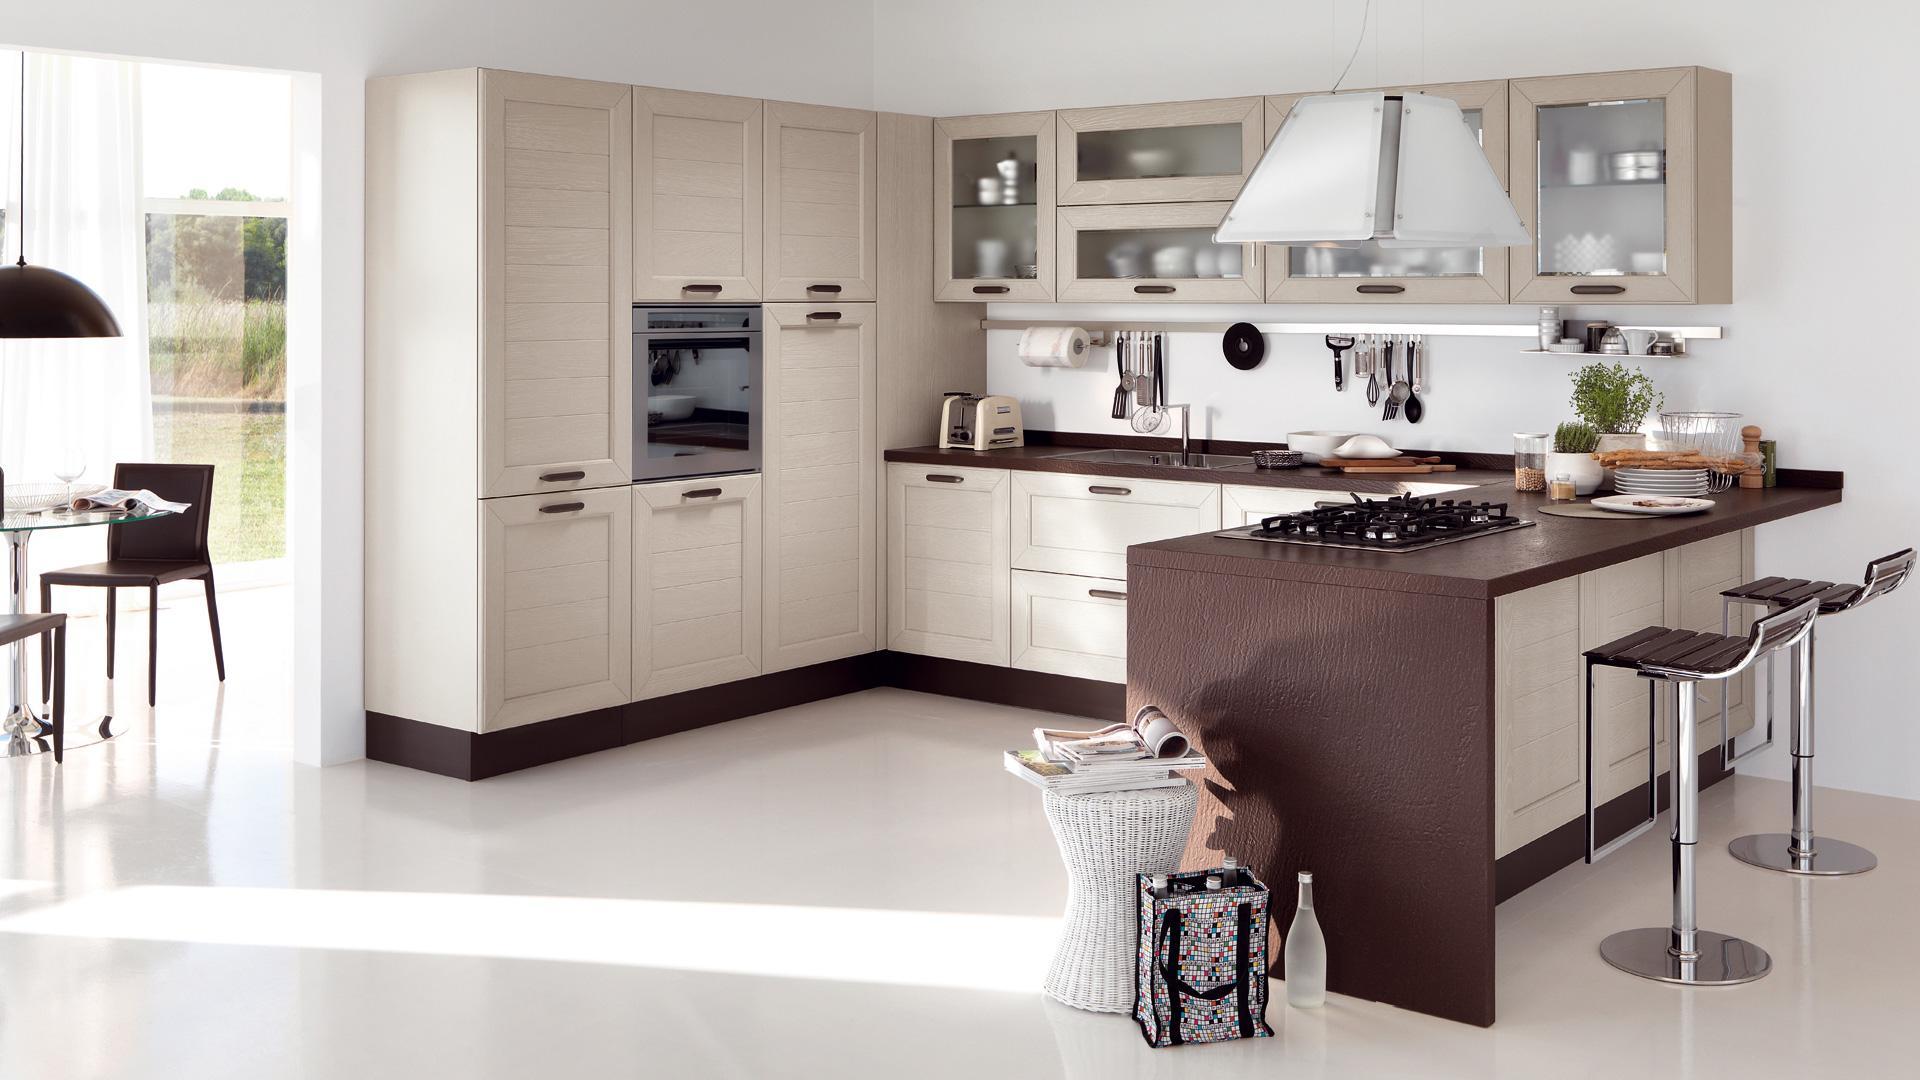 Cucina classica lube claudia stile contemporaneo per una bellezza sorprendente rafaschieri - Cucina classica contemporanea ...